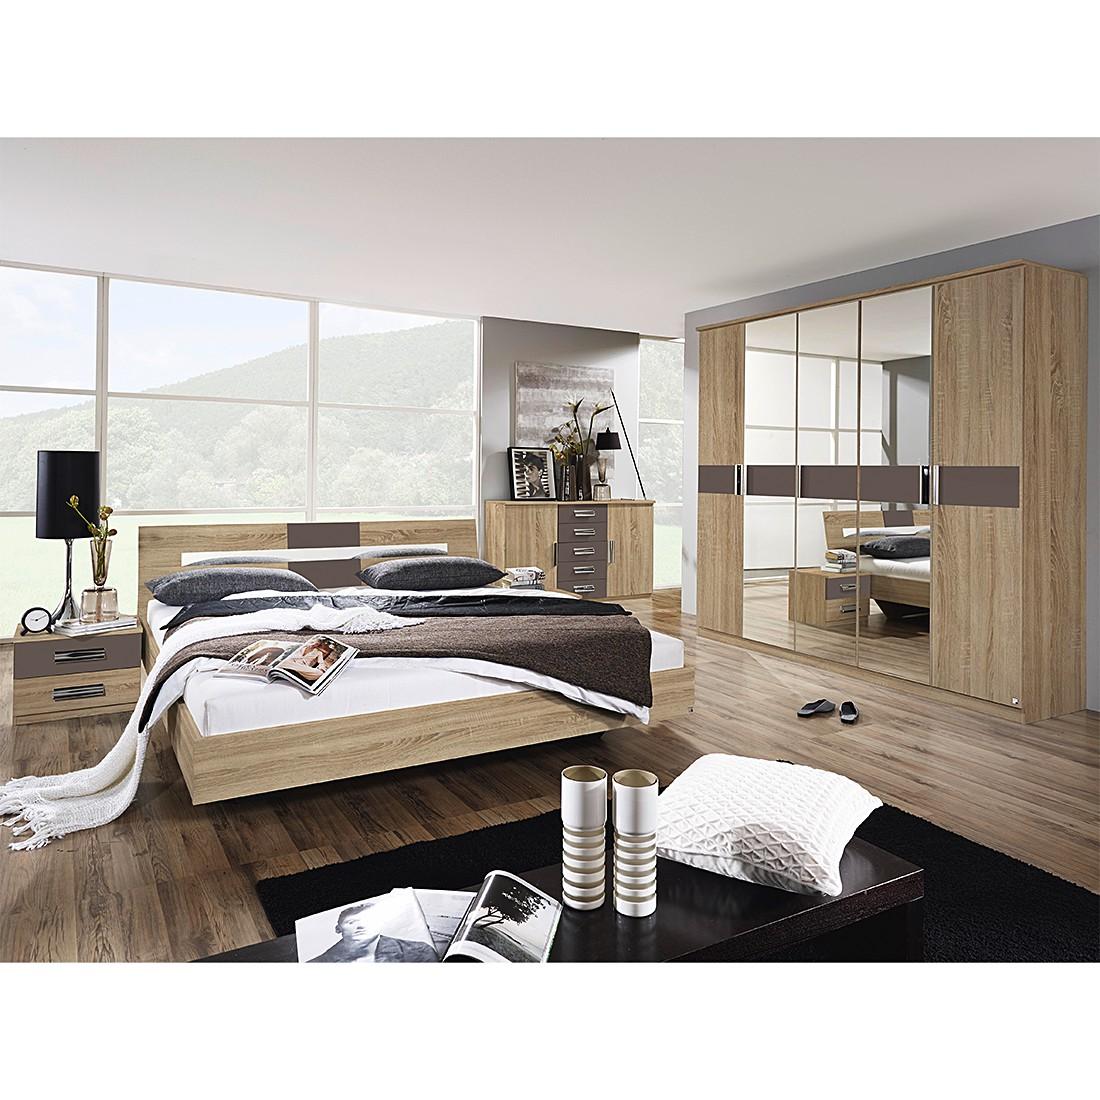 komplett schlafzimmer 160x200 bett tapeten schlafzimmer rosen perkal bettw sche lidl ideen. Black Bedroom Furniture Sets. Home Design Ideas